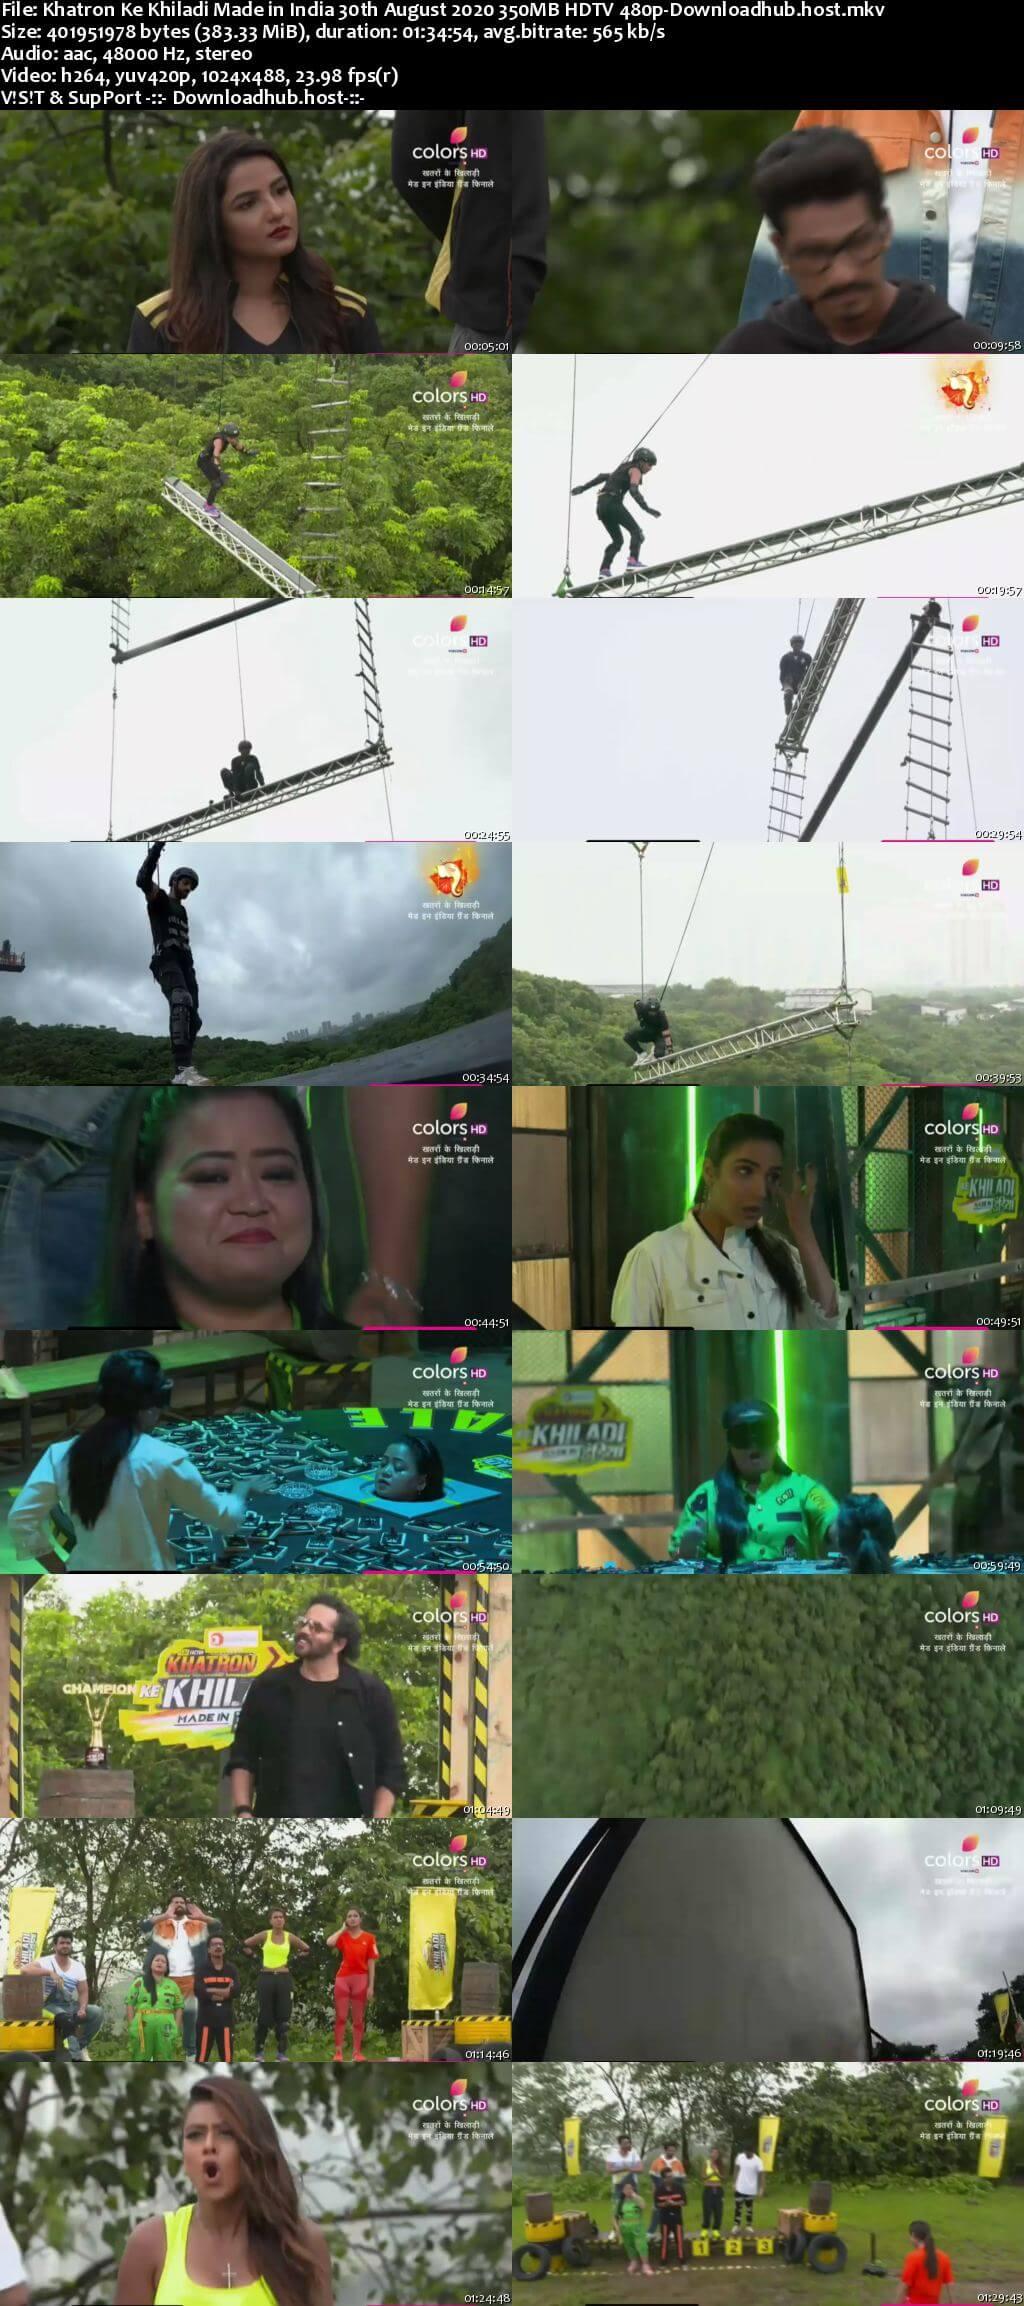 Khatron Ke Khiladi Made in India 30 August 2020 Episode 10 HDTV 480p